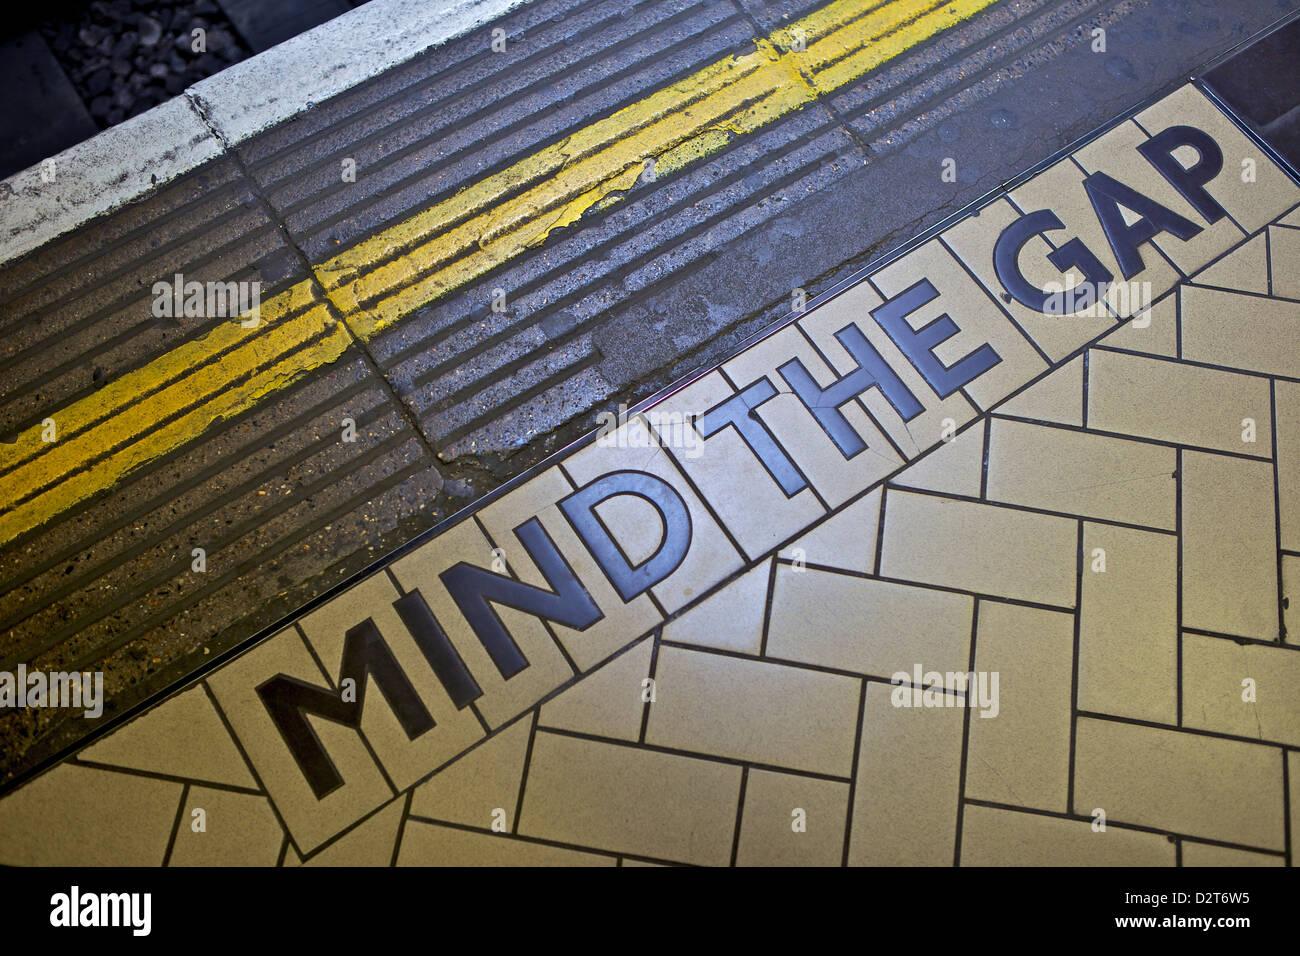 L'ESPRIT L'écart signe sur le bord de la plate-forme, le métro de Londres, Londres, Angleterre, Photo Stock